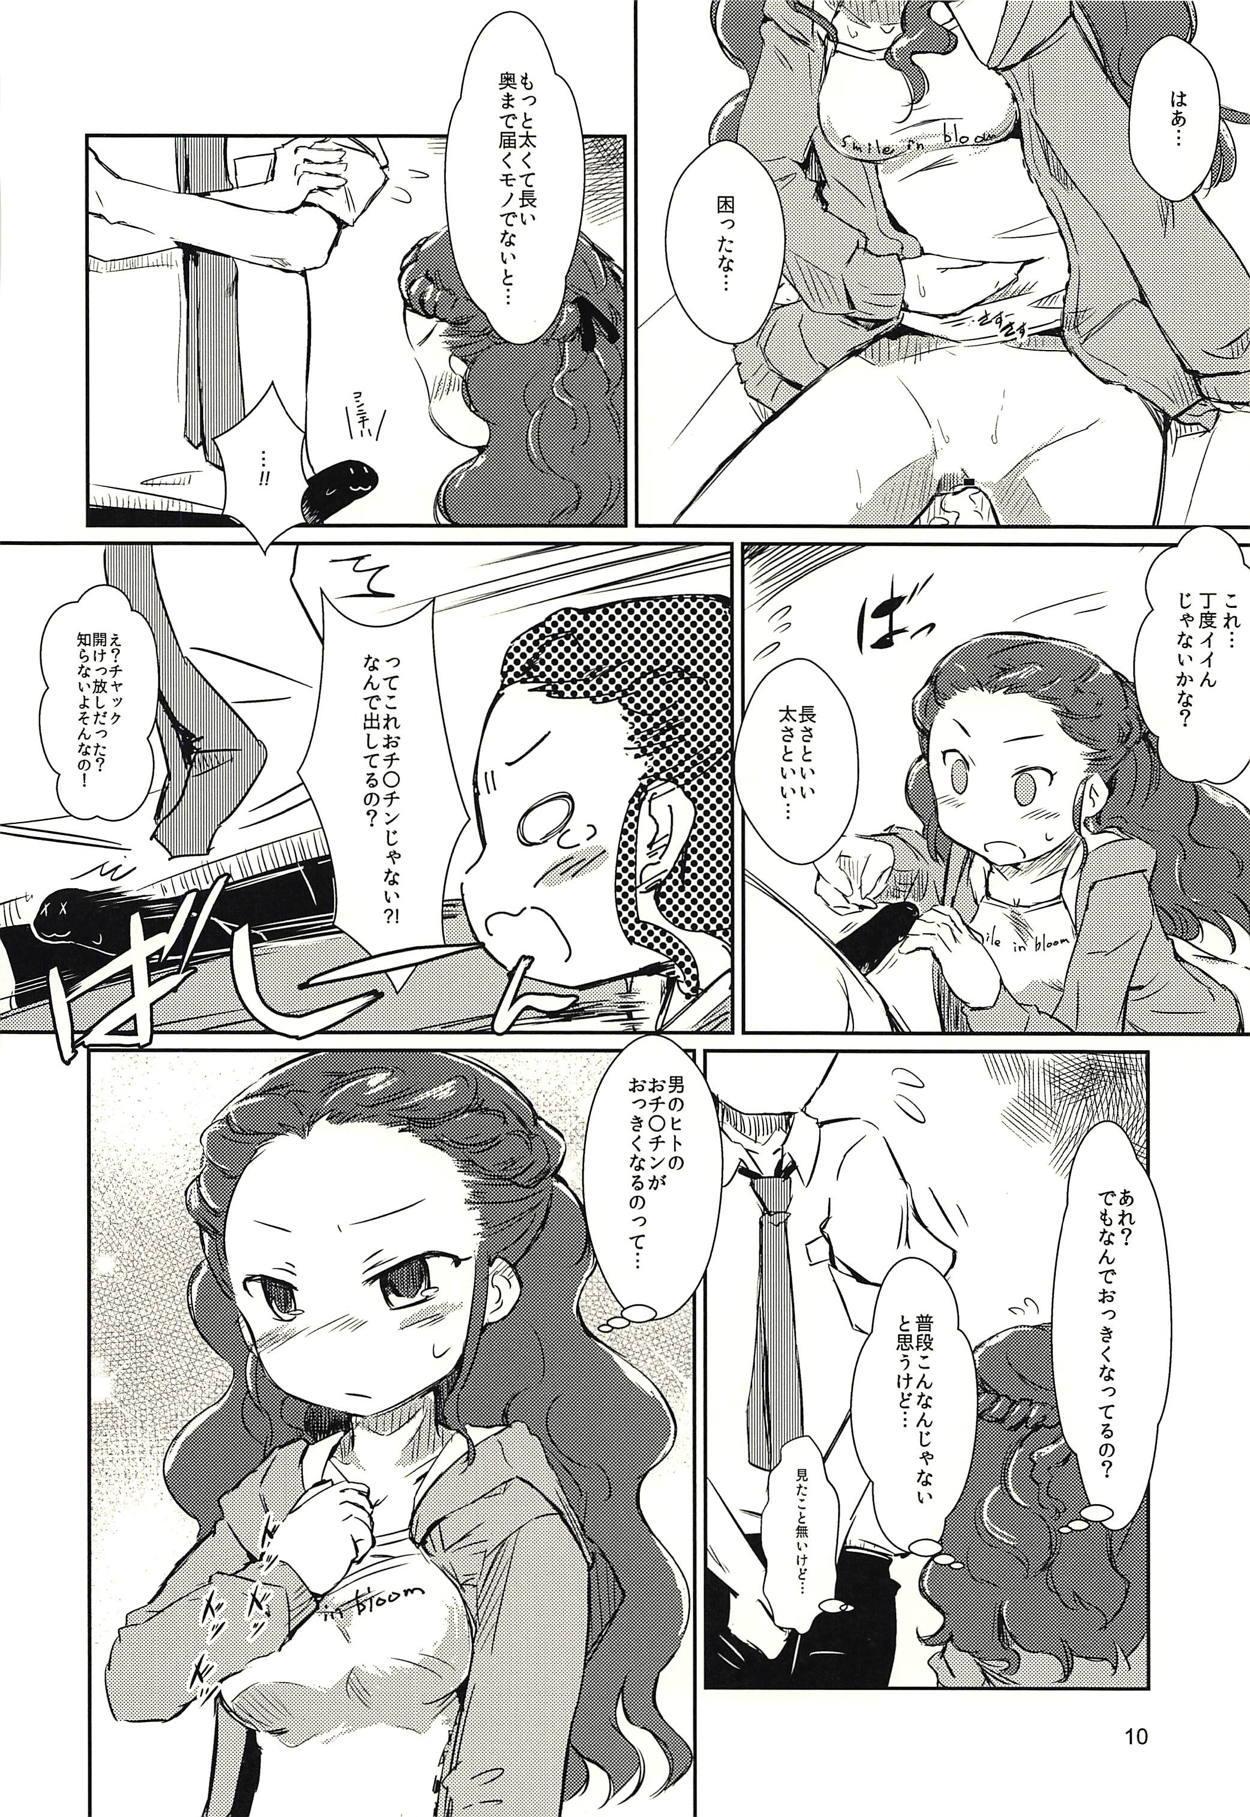 Seki-chan to Marui Tsuranatta Yatsu 8